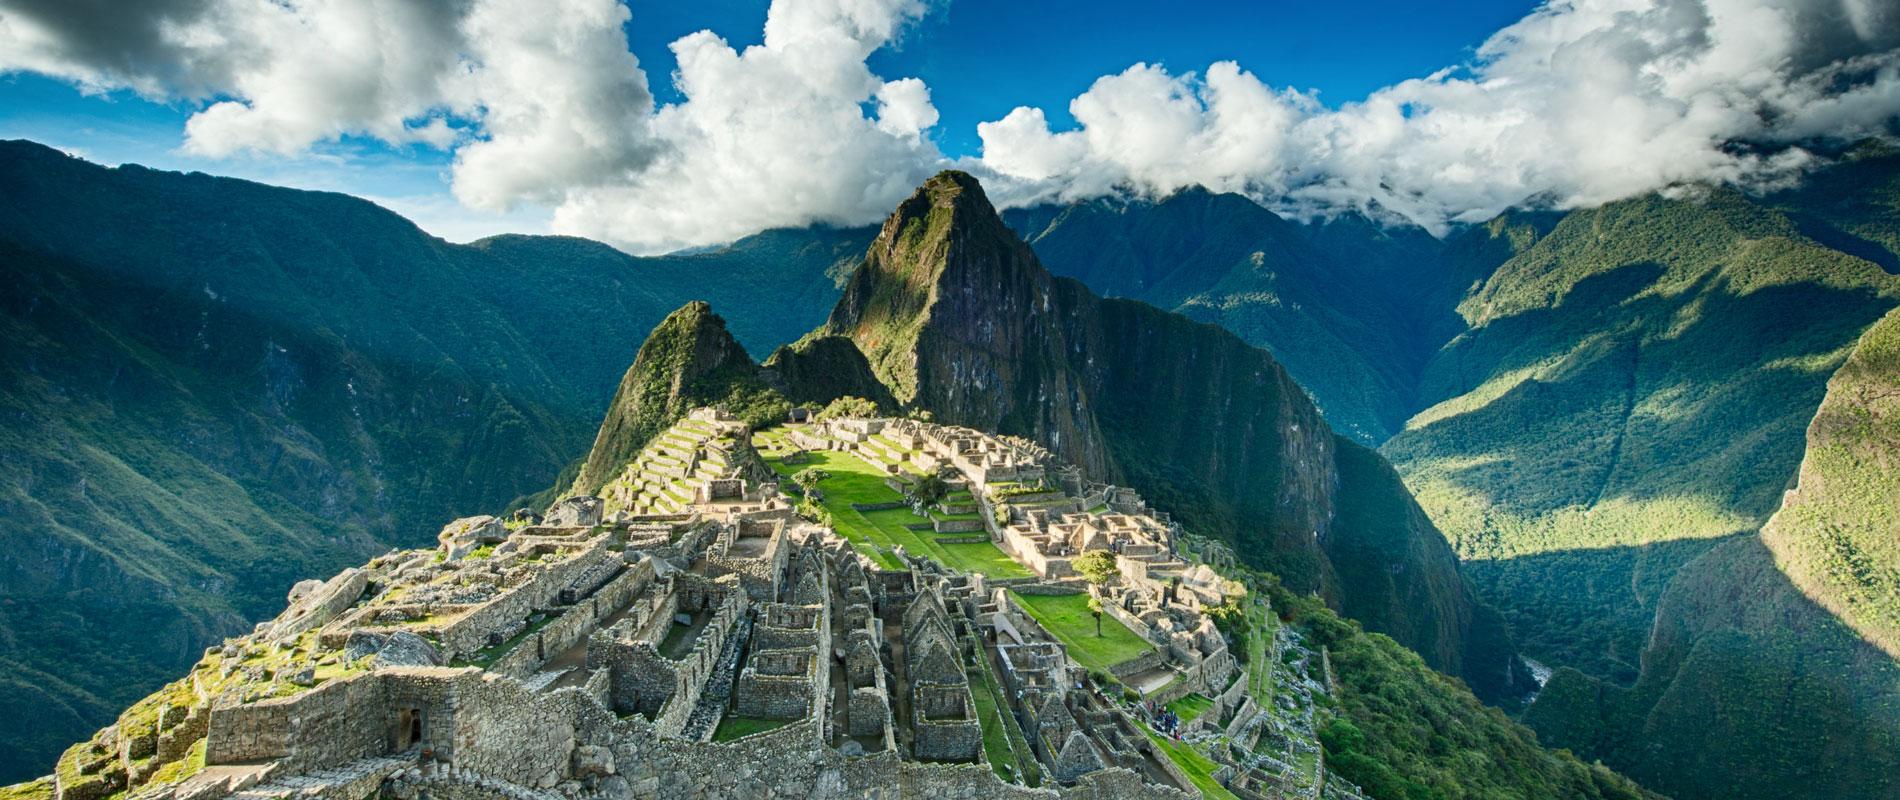 Perou | Machu Picchu